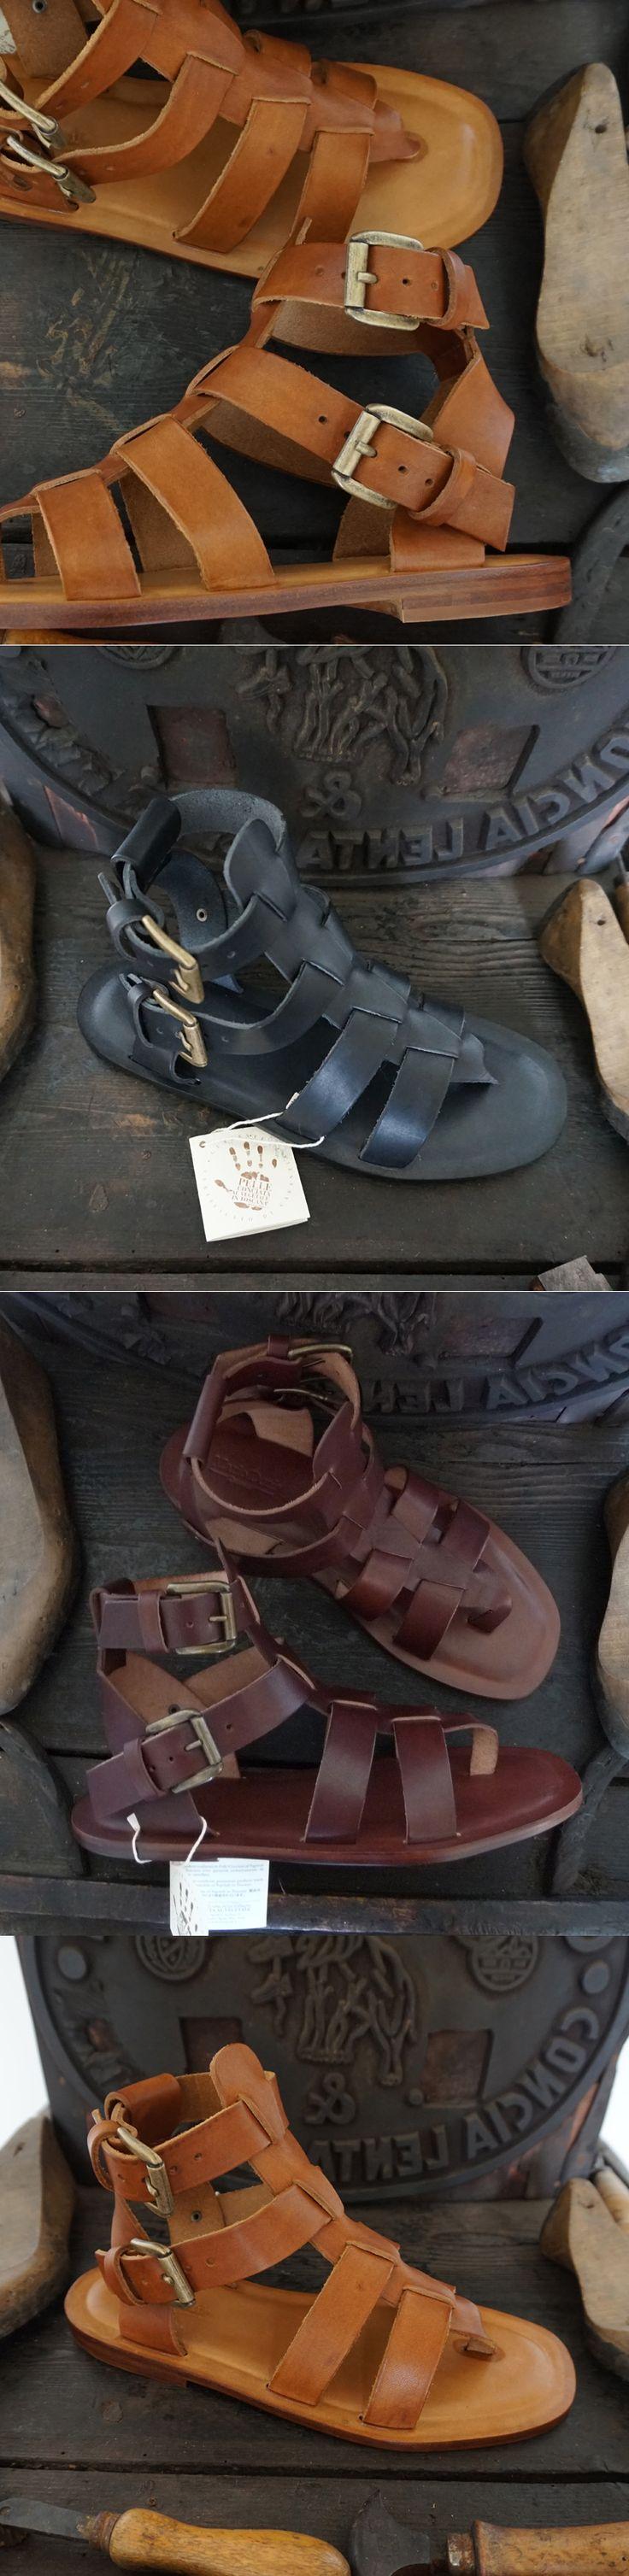 Modello Marradi Uomo #Marradi #Sandals Marradi #leather #cuoio #sandals men